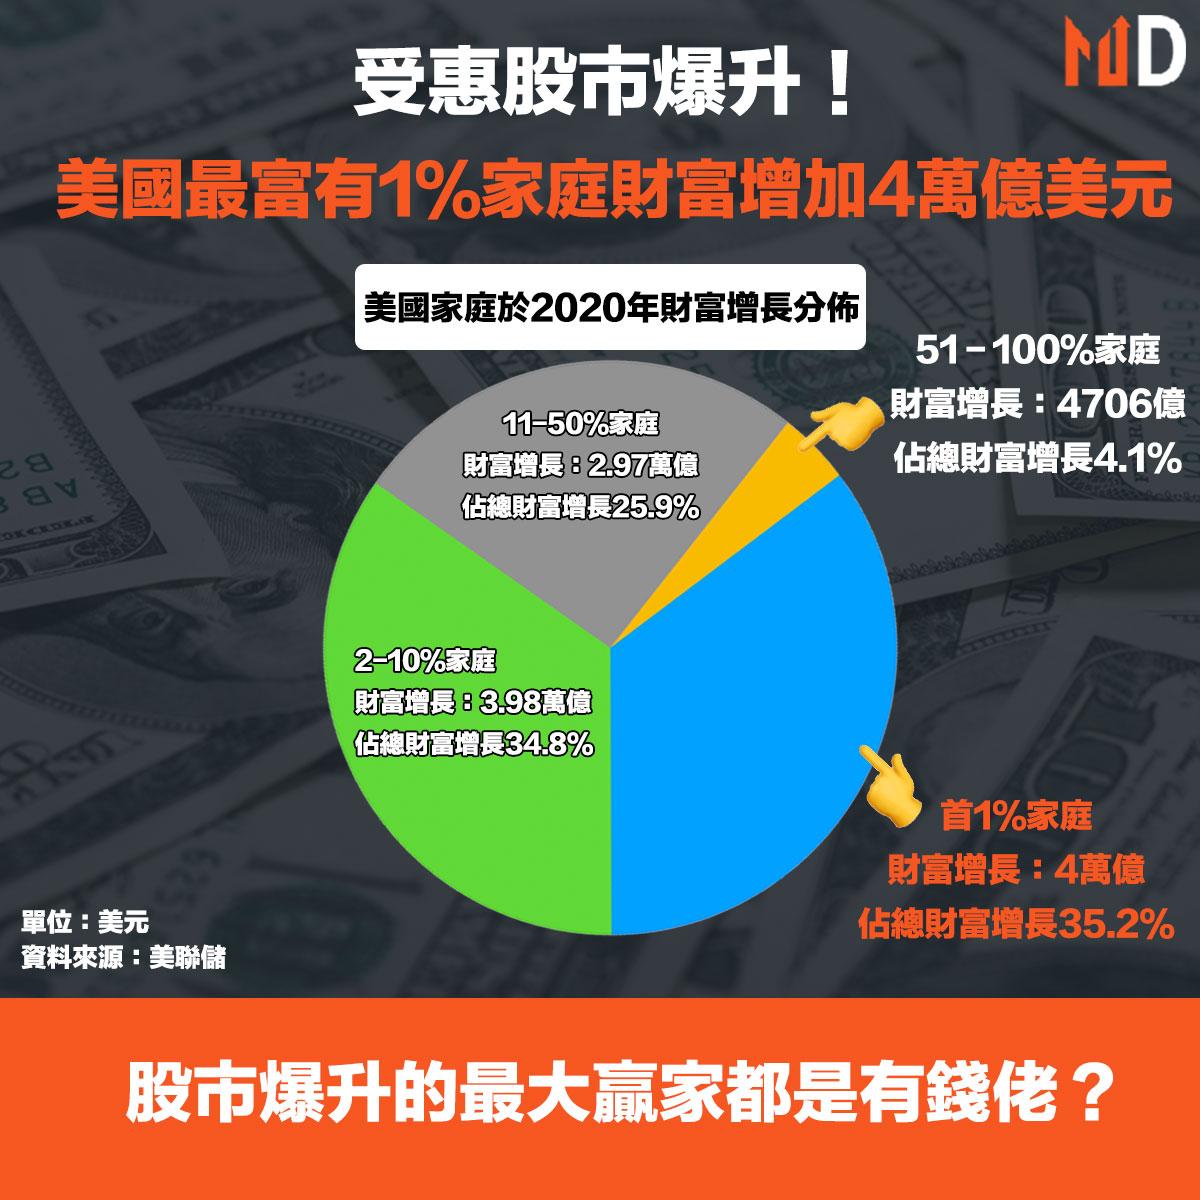 受惠股市爆升!美國最富有1%家庭財富增加4萬億美元